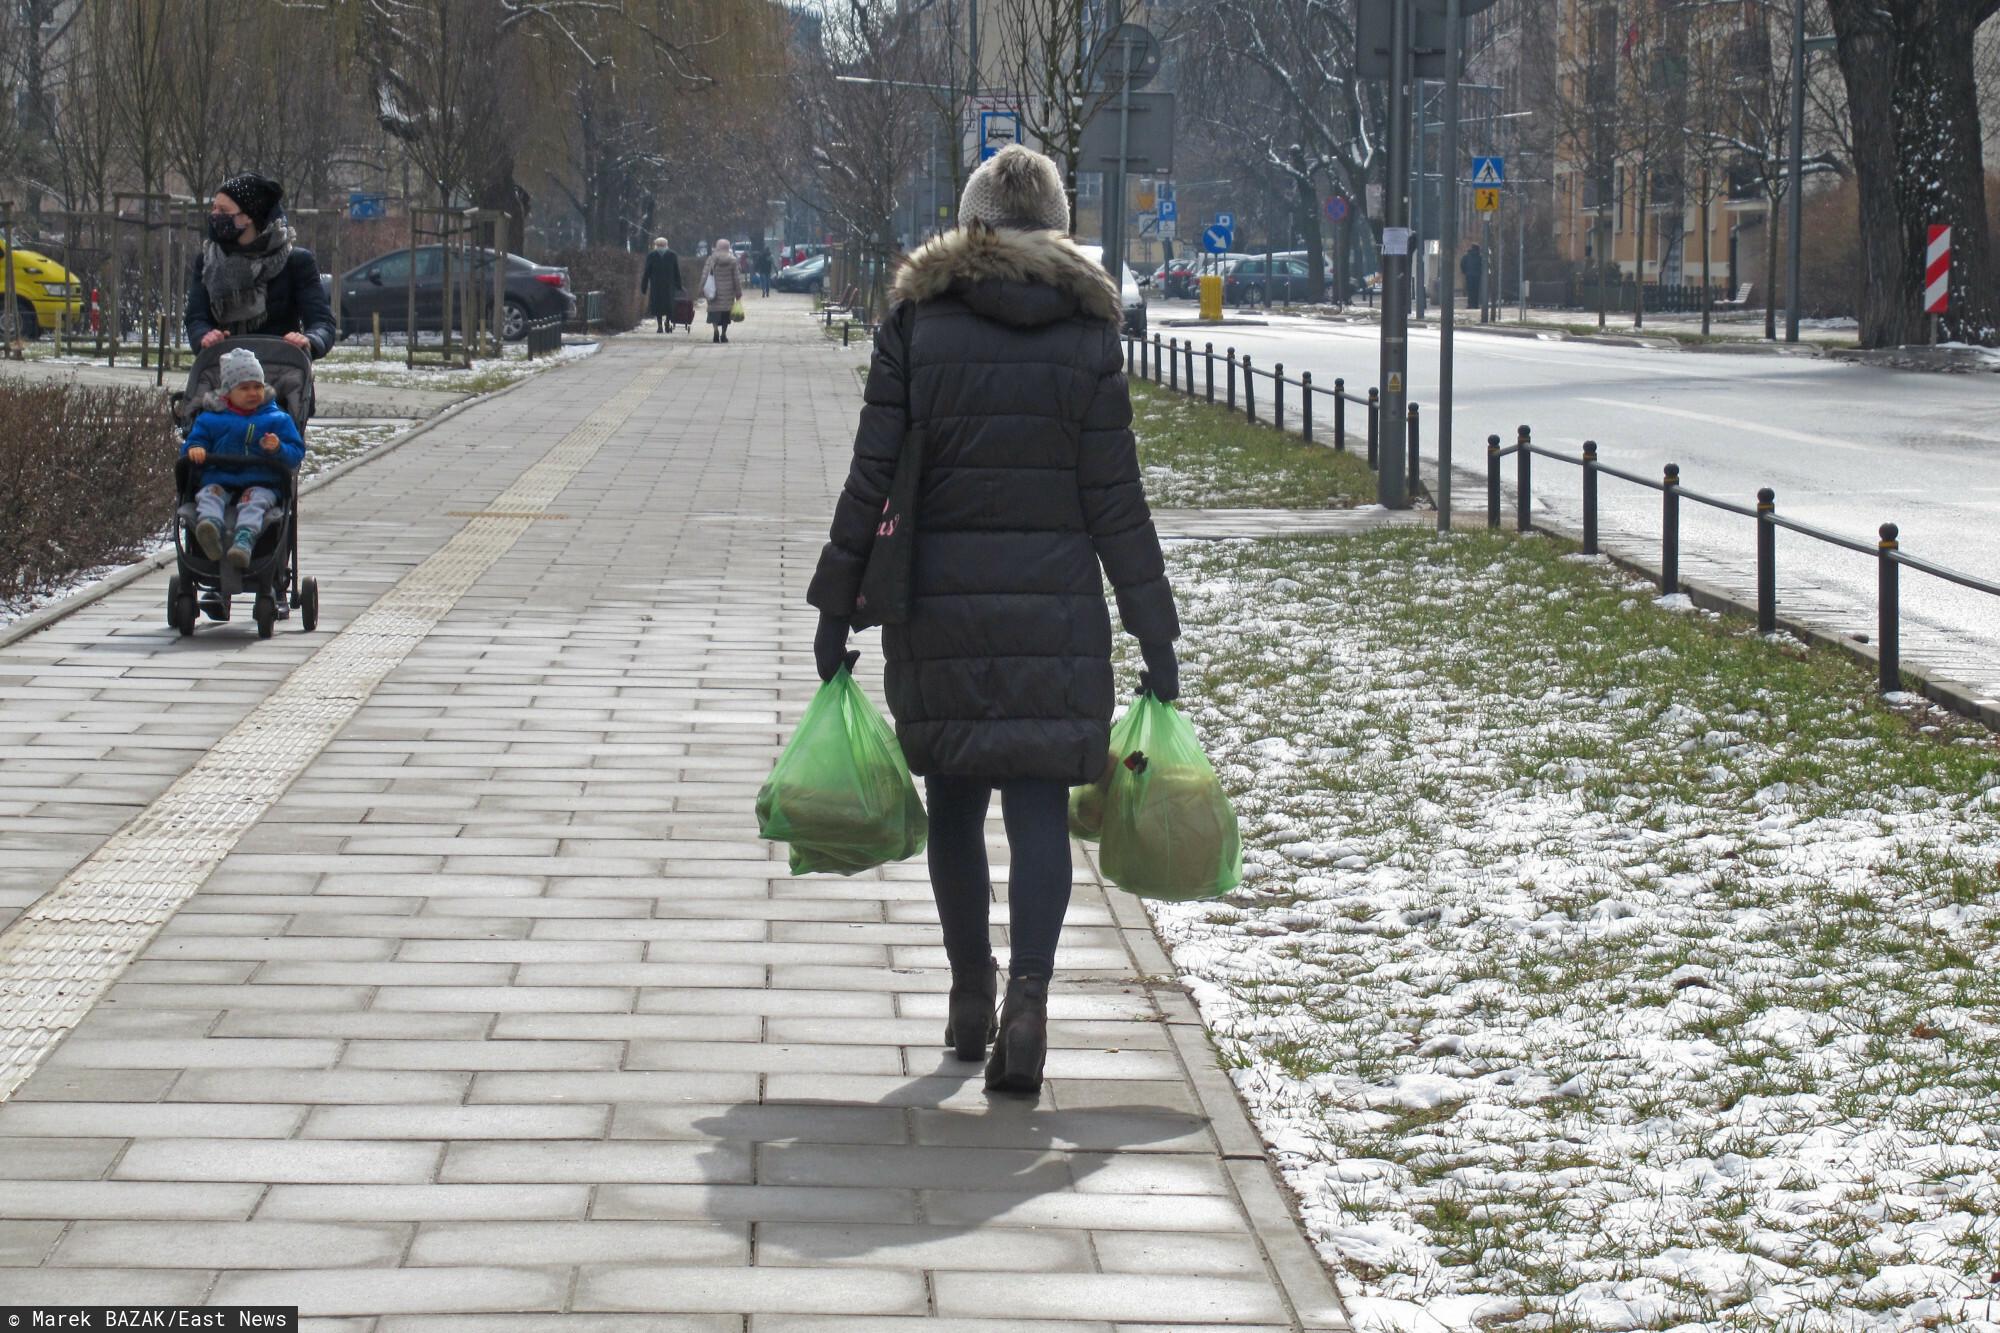 PHOTO: ZOFIA I MAREK BAZAK / EAST NEWS Warszawa N/Z Kobieta z reklamowkami w reku wracajaca do domu po zakupach na bazarku